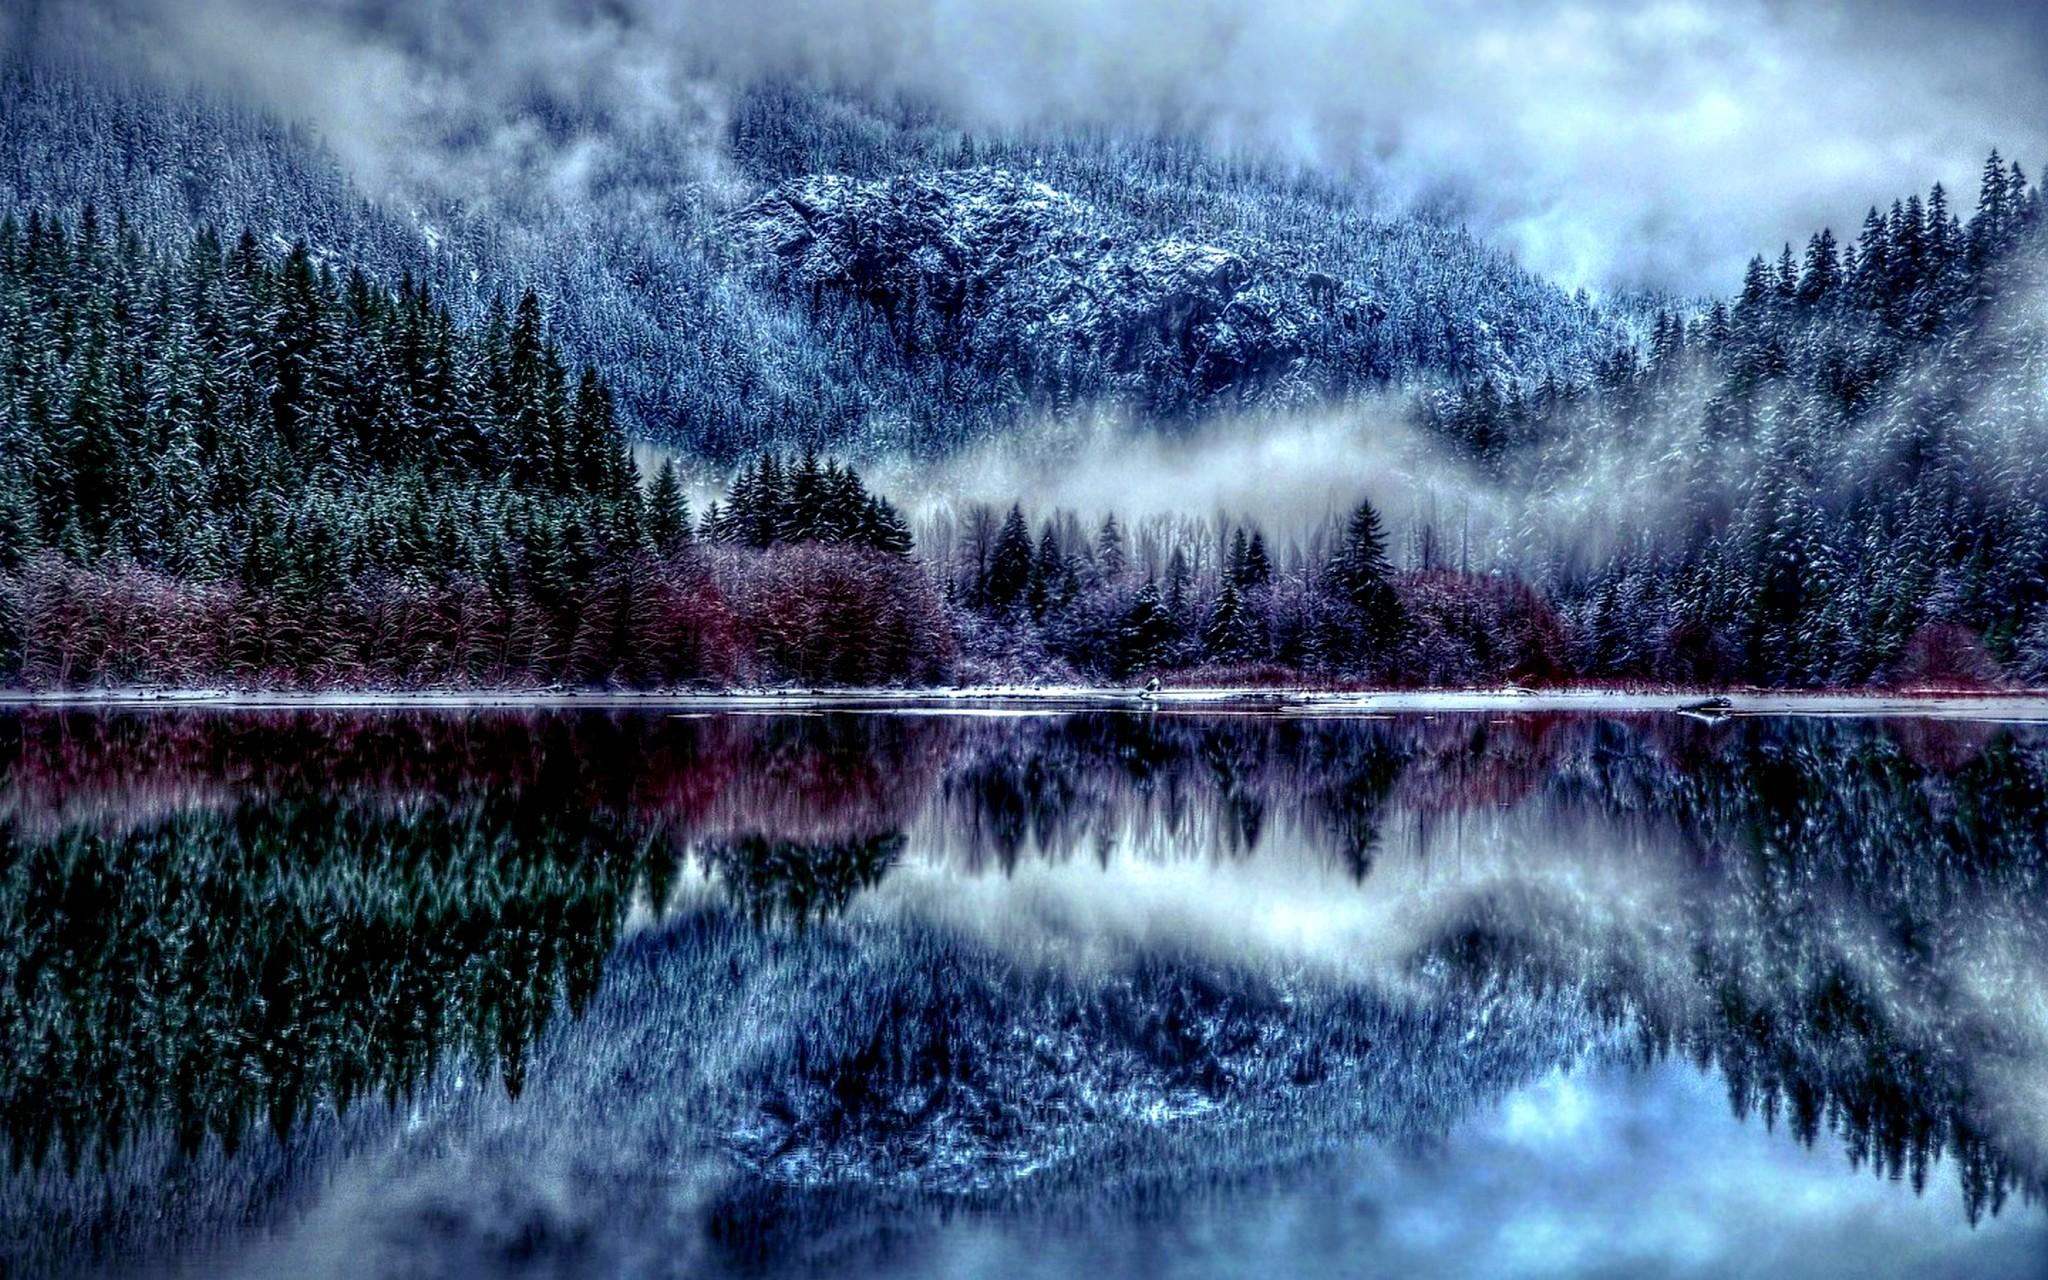 Winter Forest HD Wallpaper   Winter Season Desktop HD Wallpapers 2048x1280